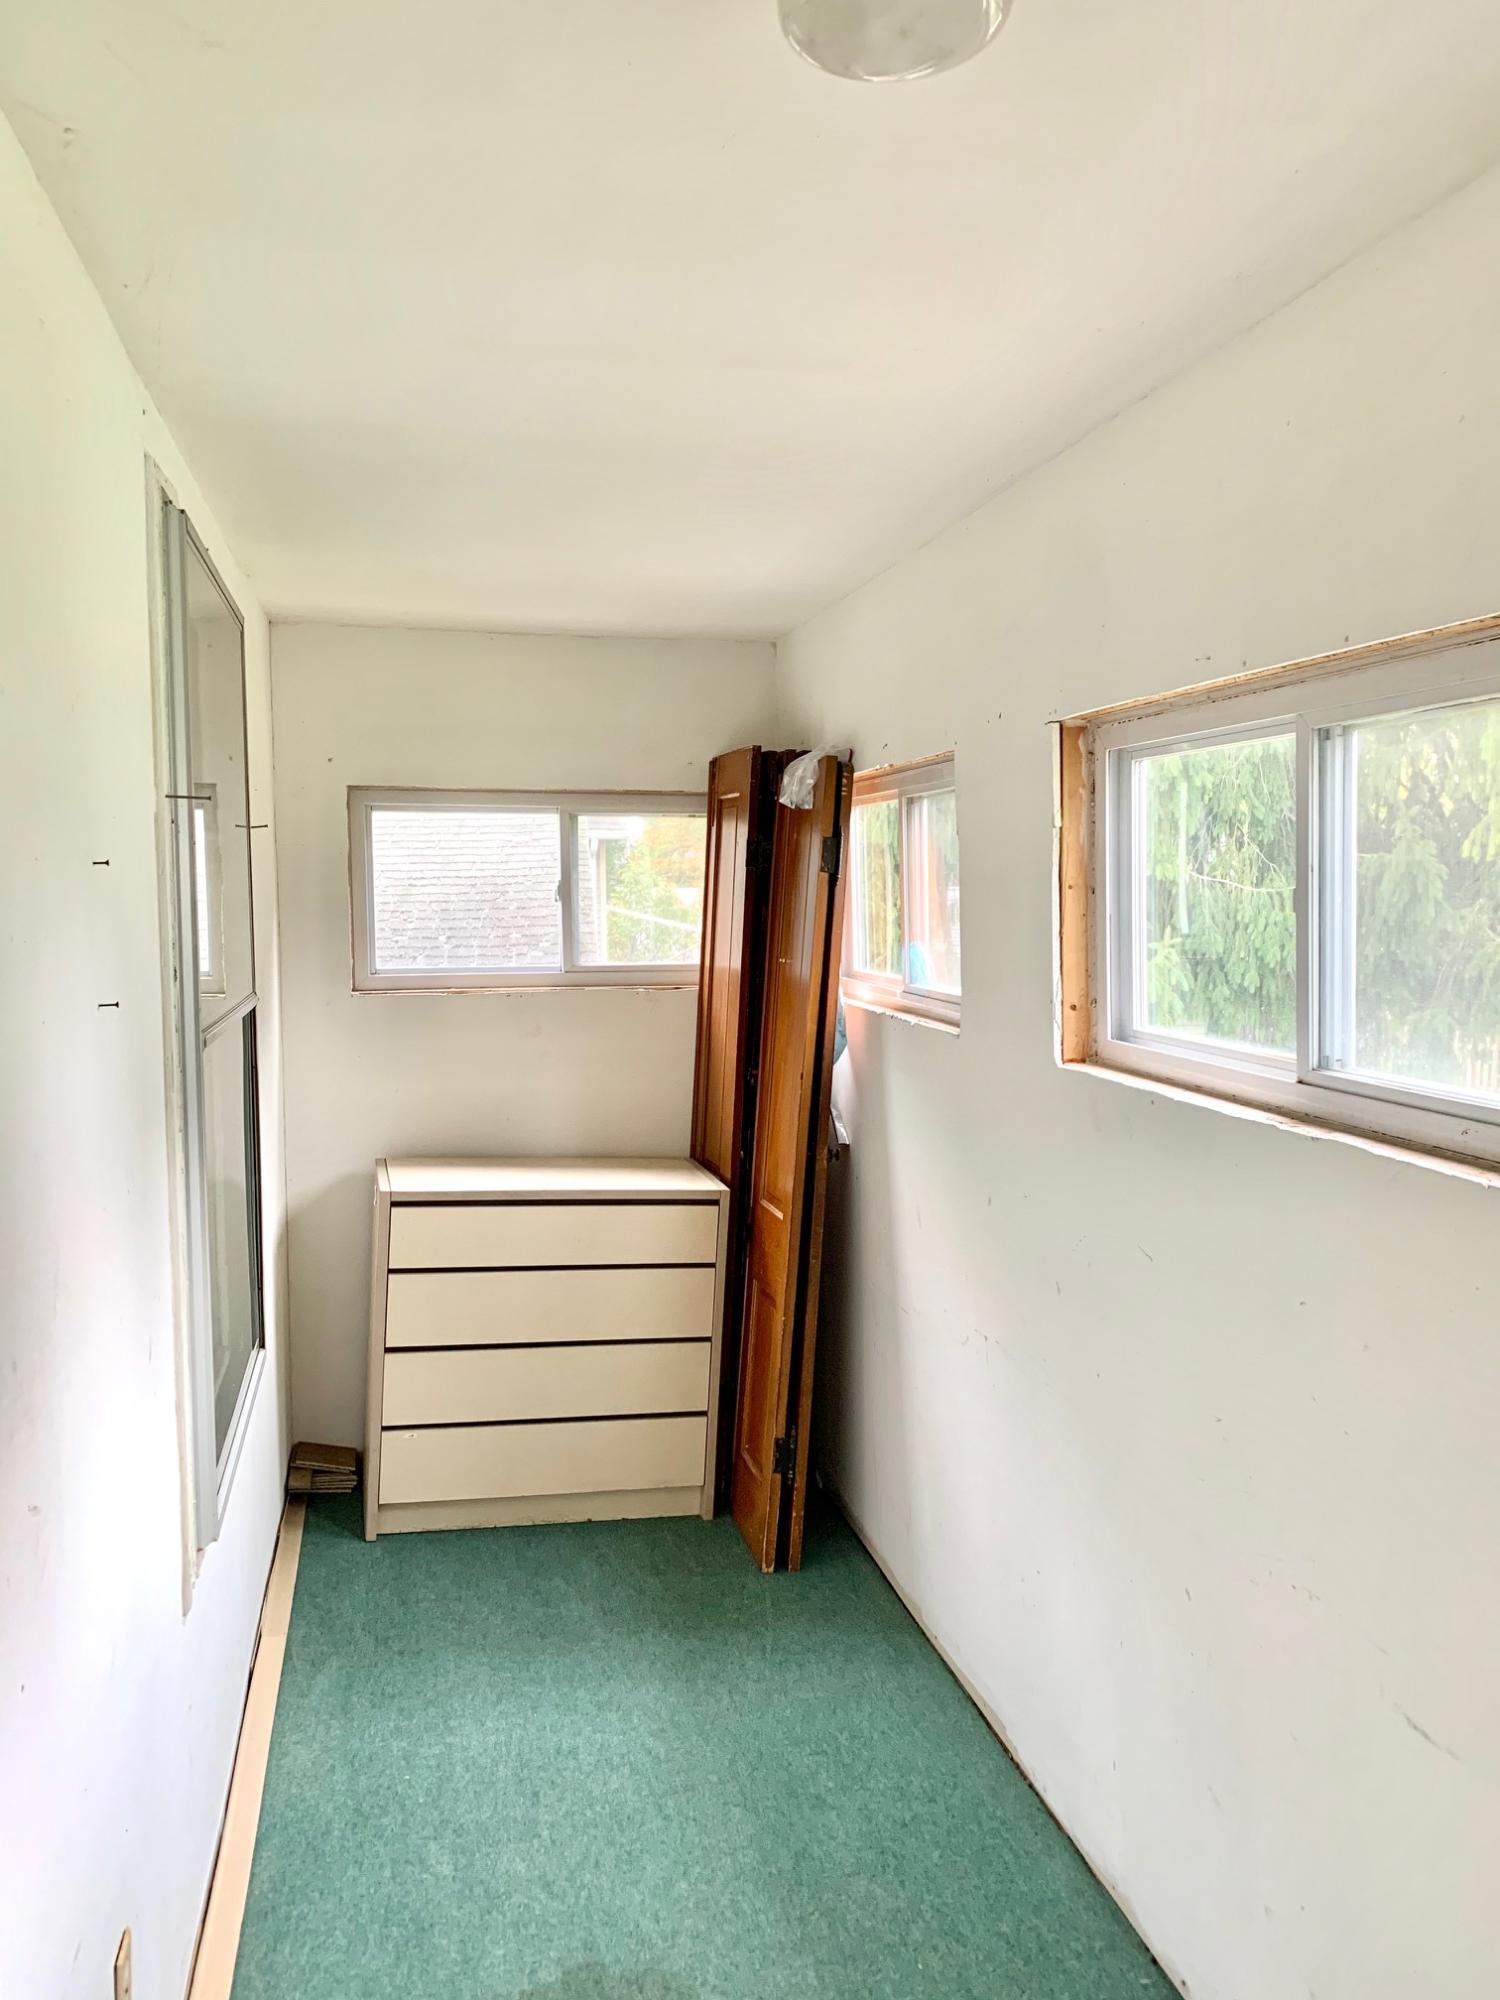 309 N Church St pic lower apartment 4